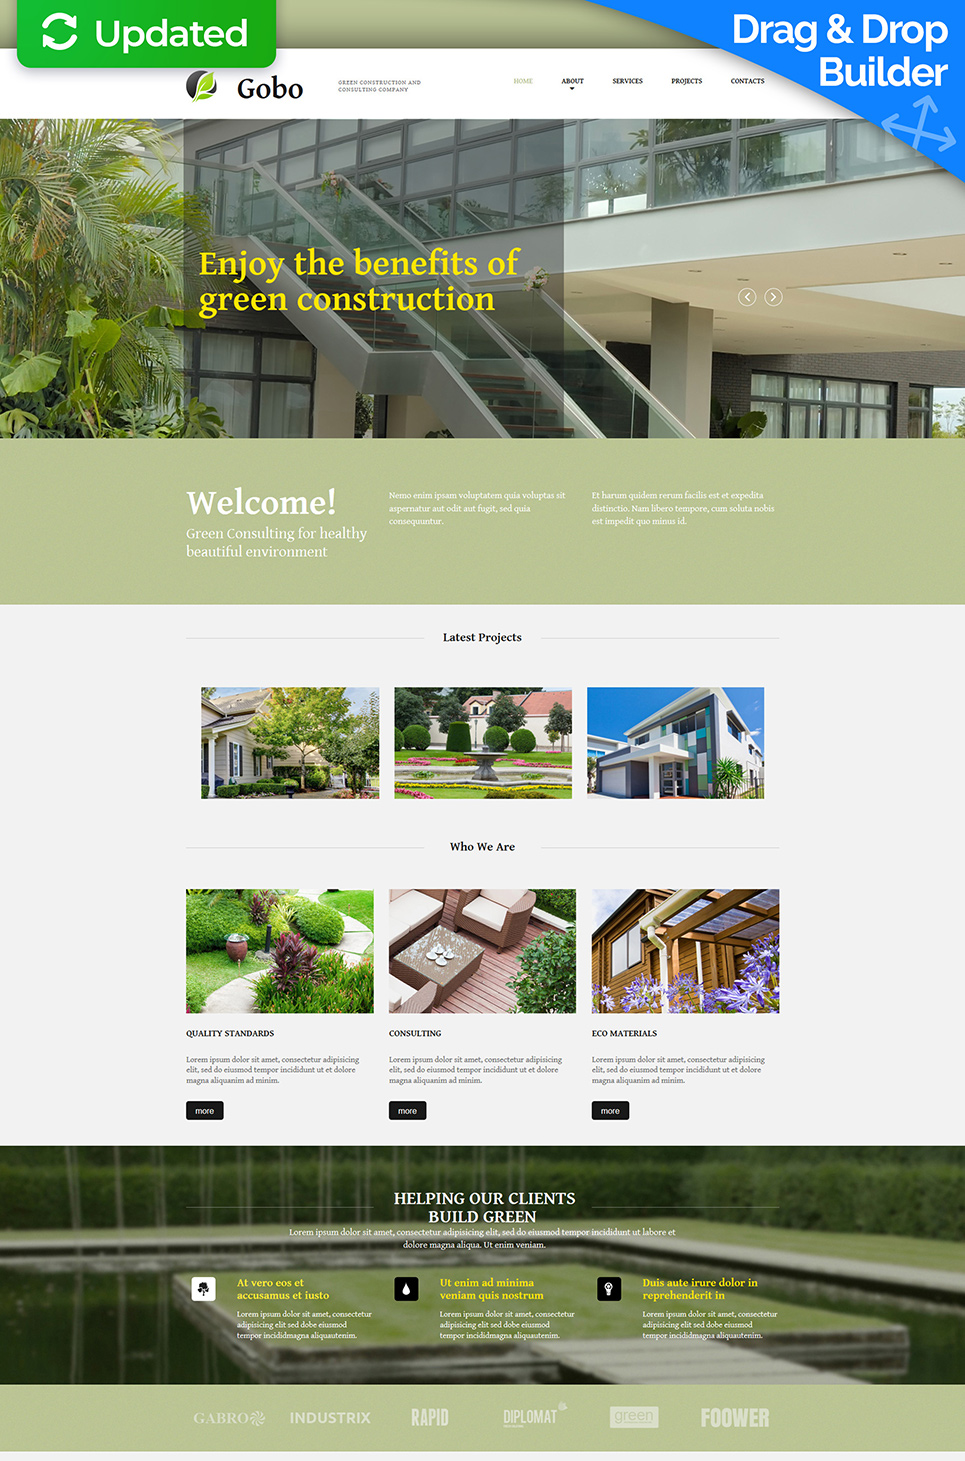 Tema de Constucción de Casa Ecológica - image